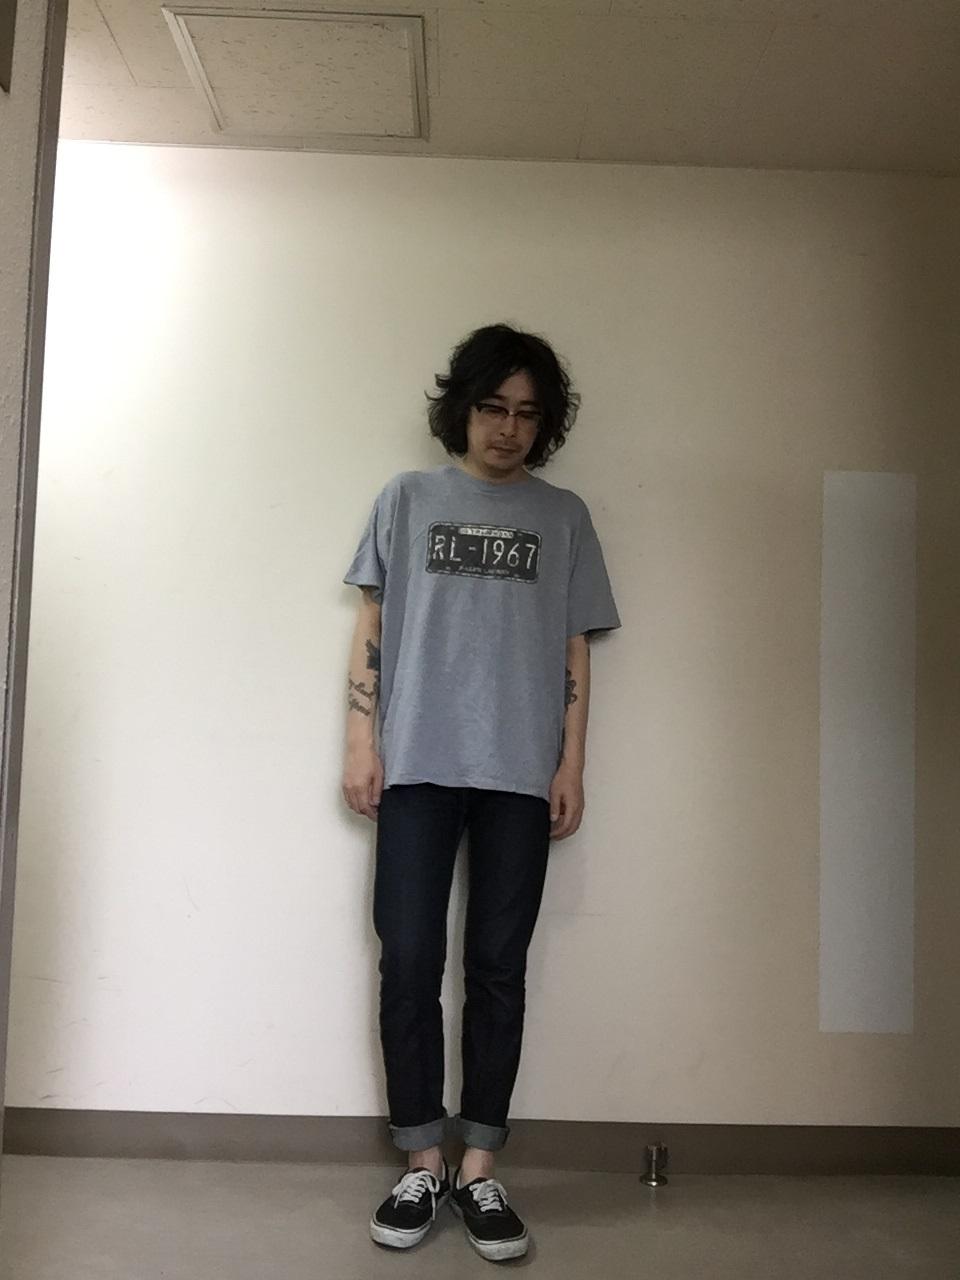 d0324958_1394736.jpg